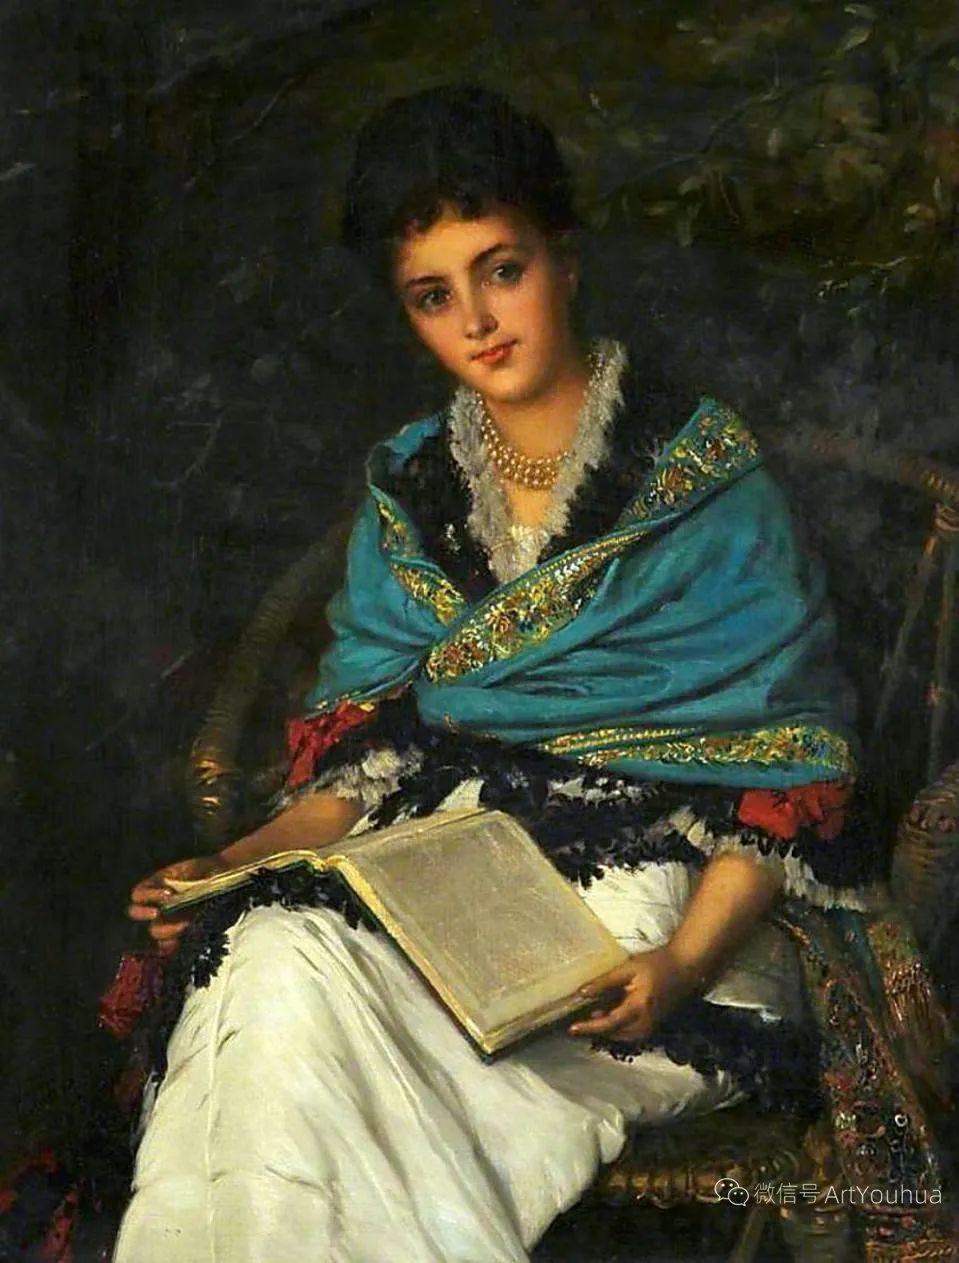 纯情与美丽,英国画家威廉·奥利弗作品选插图15